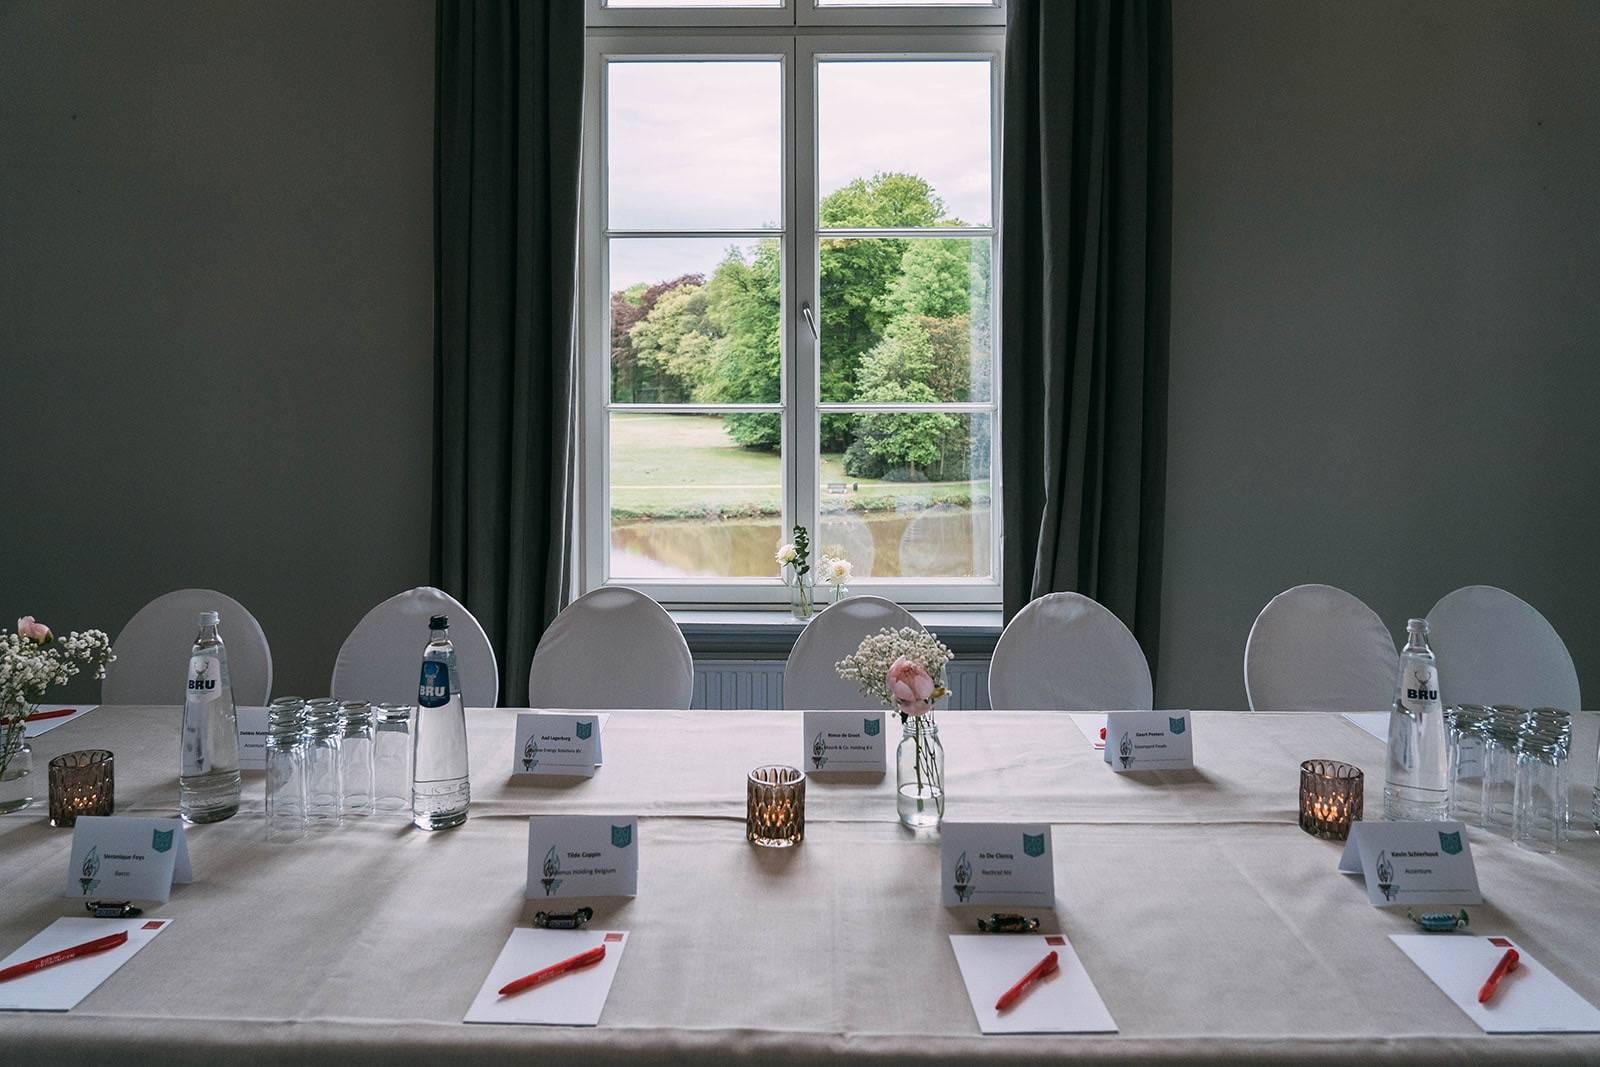 Kasteel Van Brasschaat - Eventlocatie - Feestzaal - Trouwzaal - House of Events & House of Weddings - 13